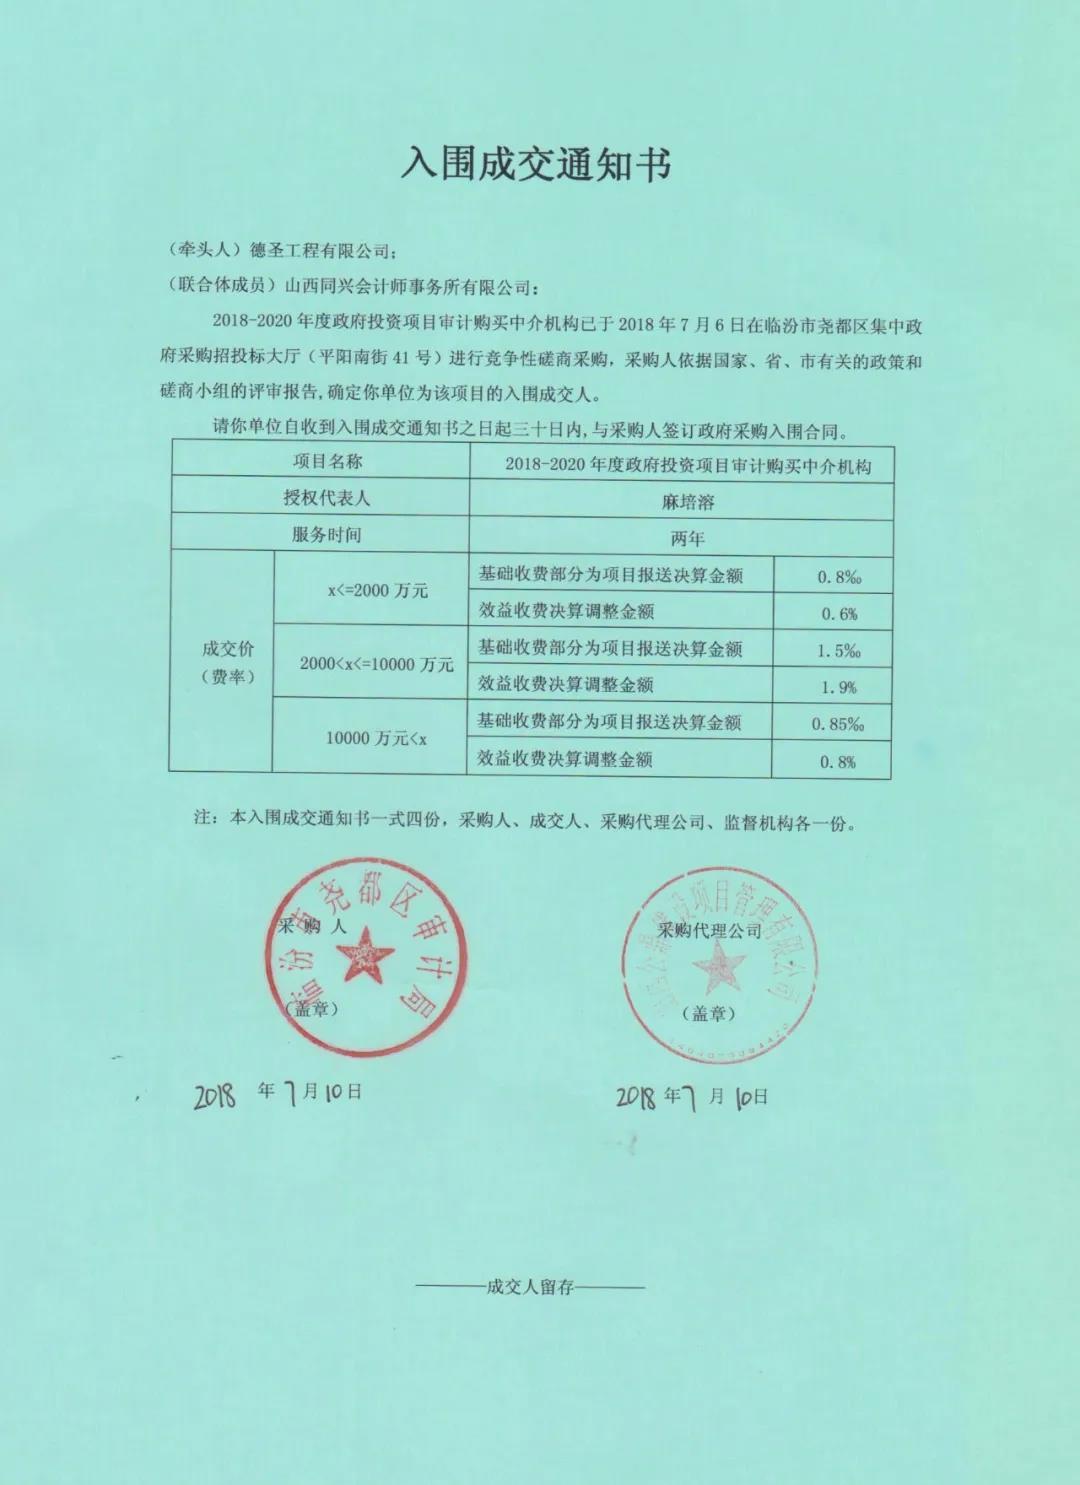 临汾市尧都区审计局2018-2020年度政府投资项目审计购买中介机构